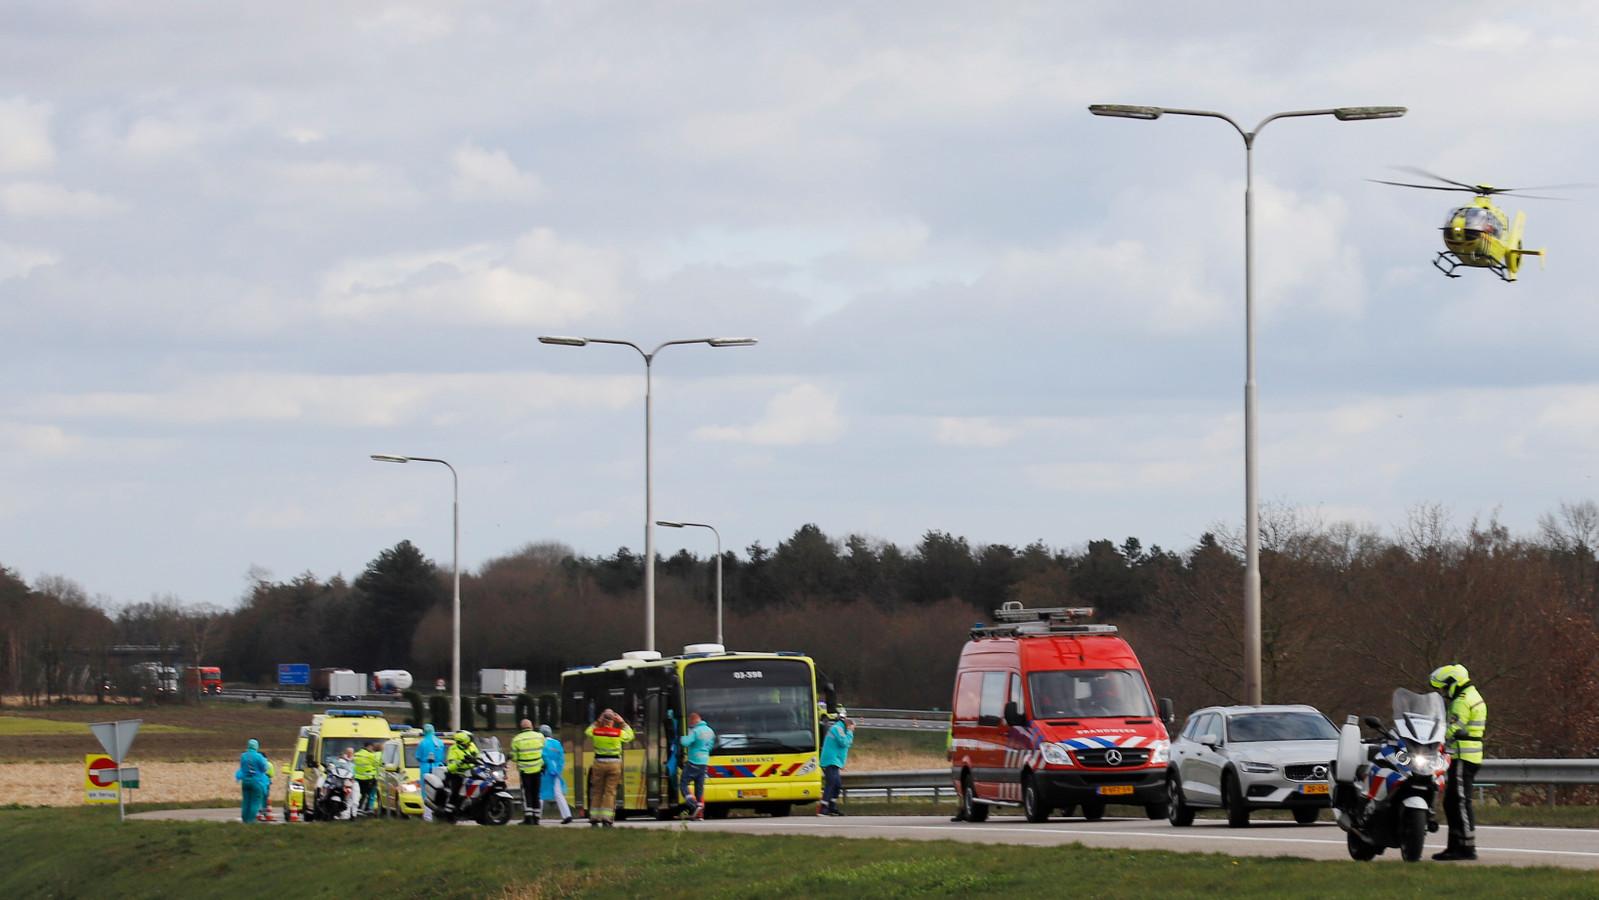 De bus met intensivecarefaciliteiten kreeg pech op de A73